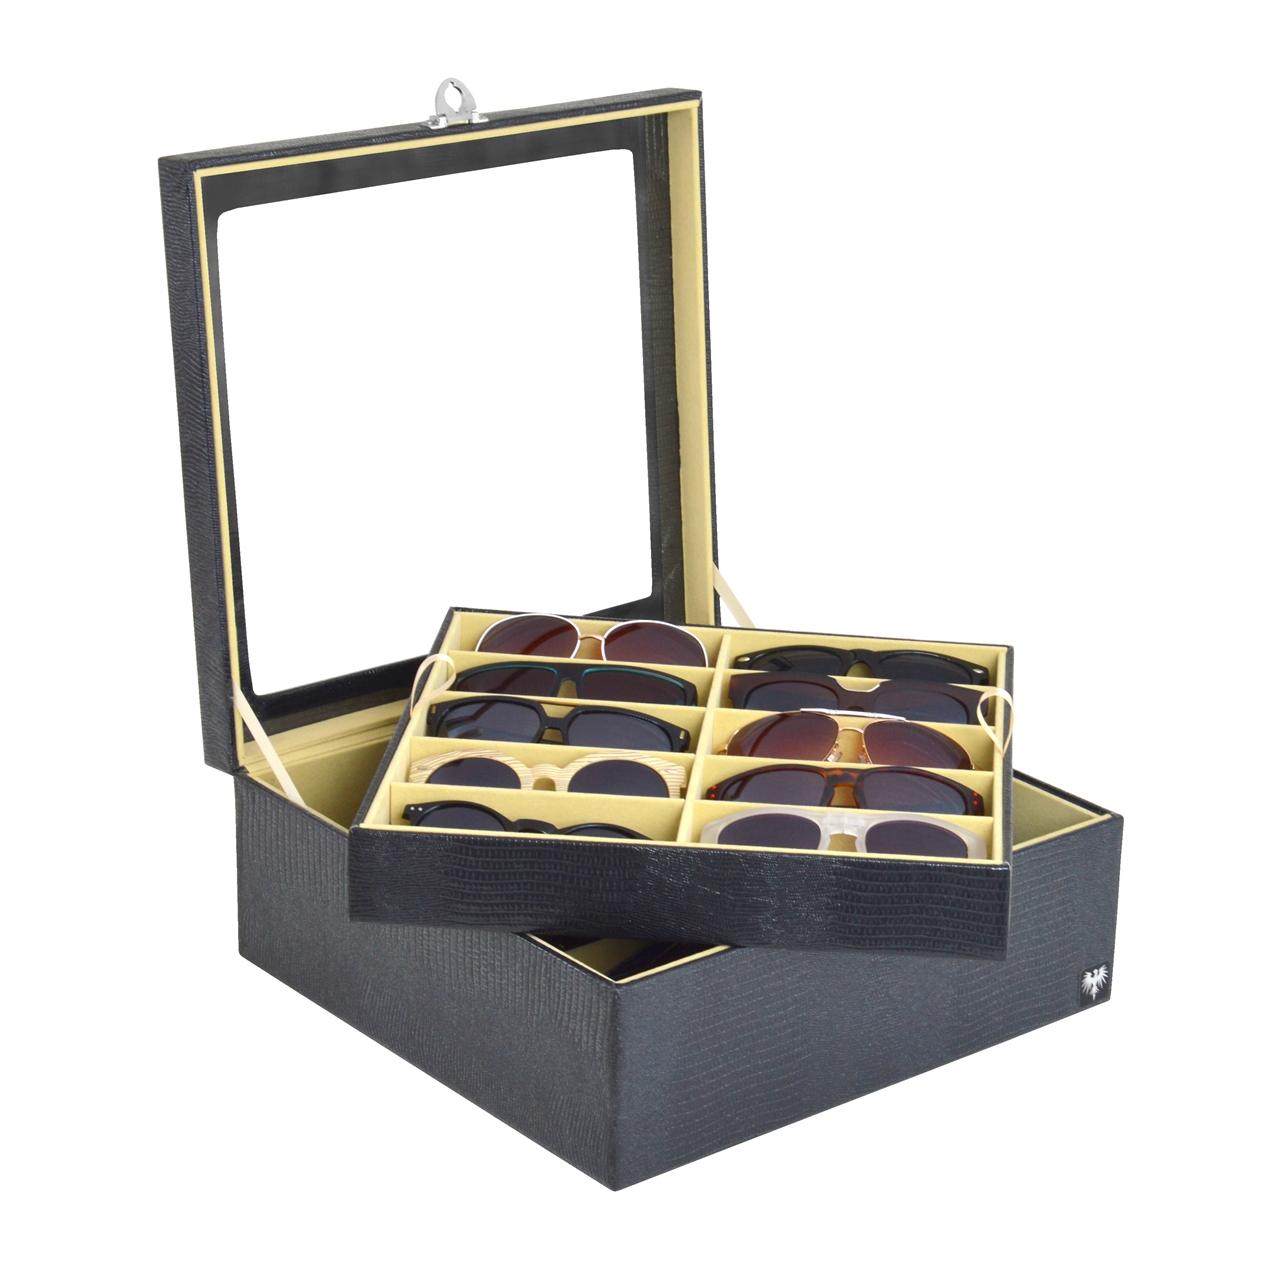 estojo-couro-ecologico-20-oculos-preto-bege-porta-caixa-imagem-1.jpg